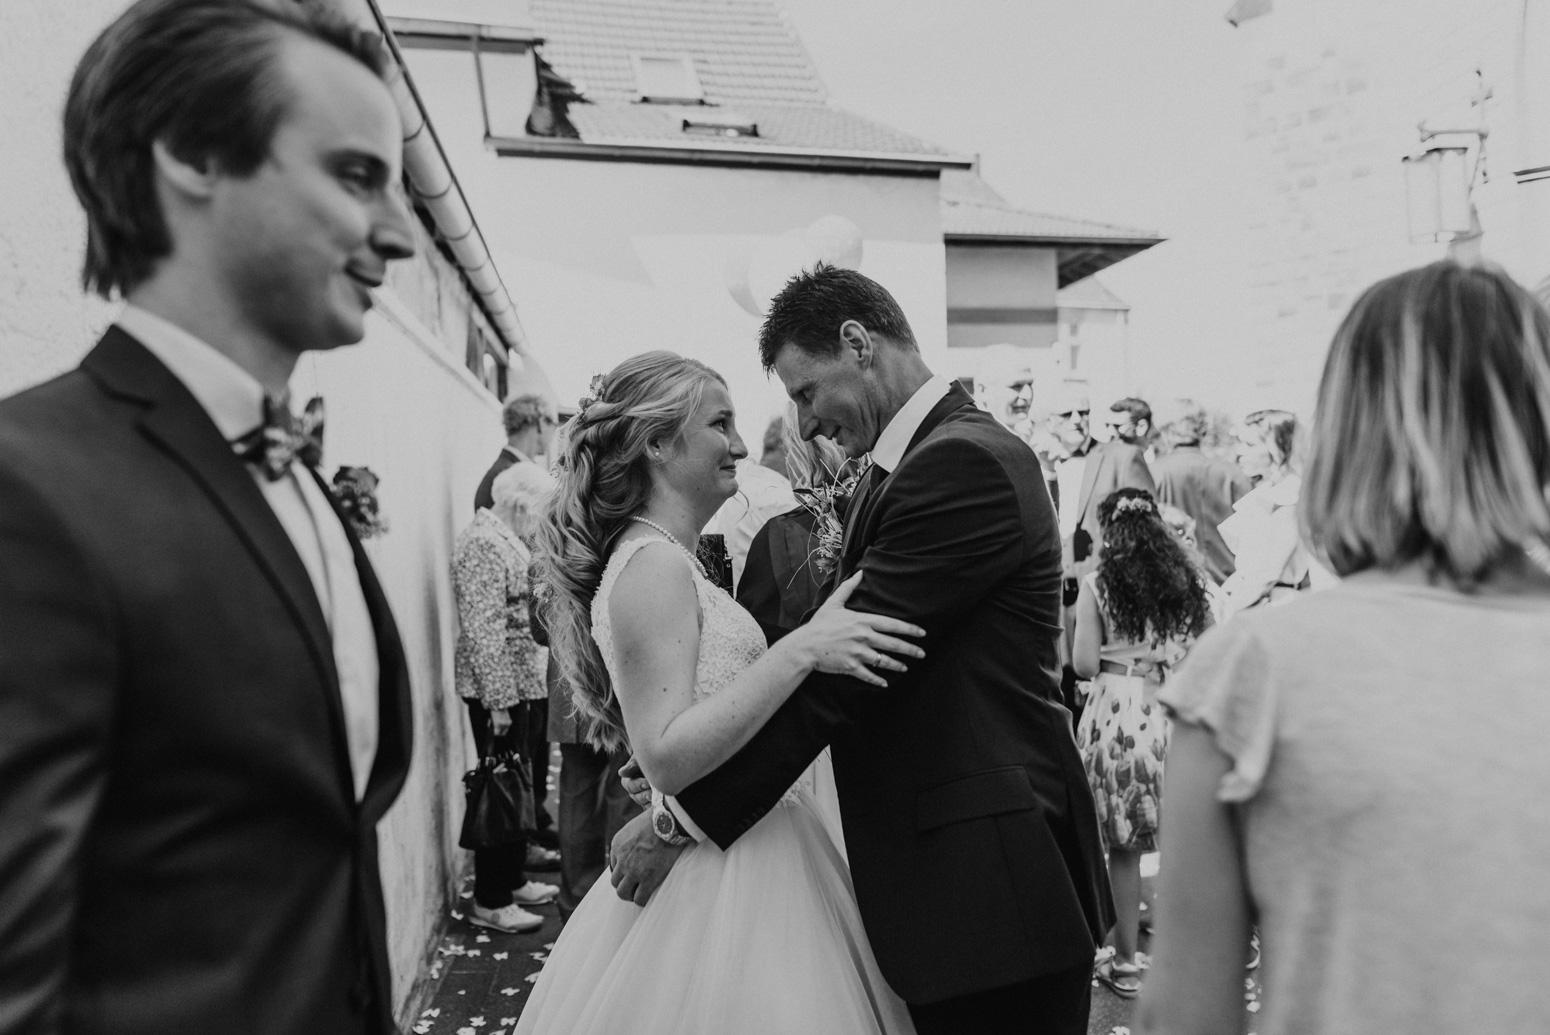 Gäste gratulieren dem Brautpaar nach der Trauung.